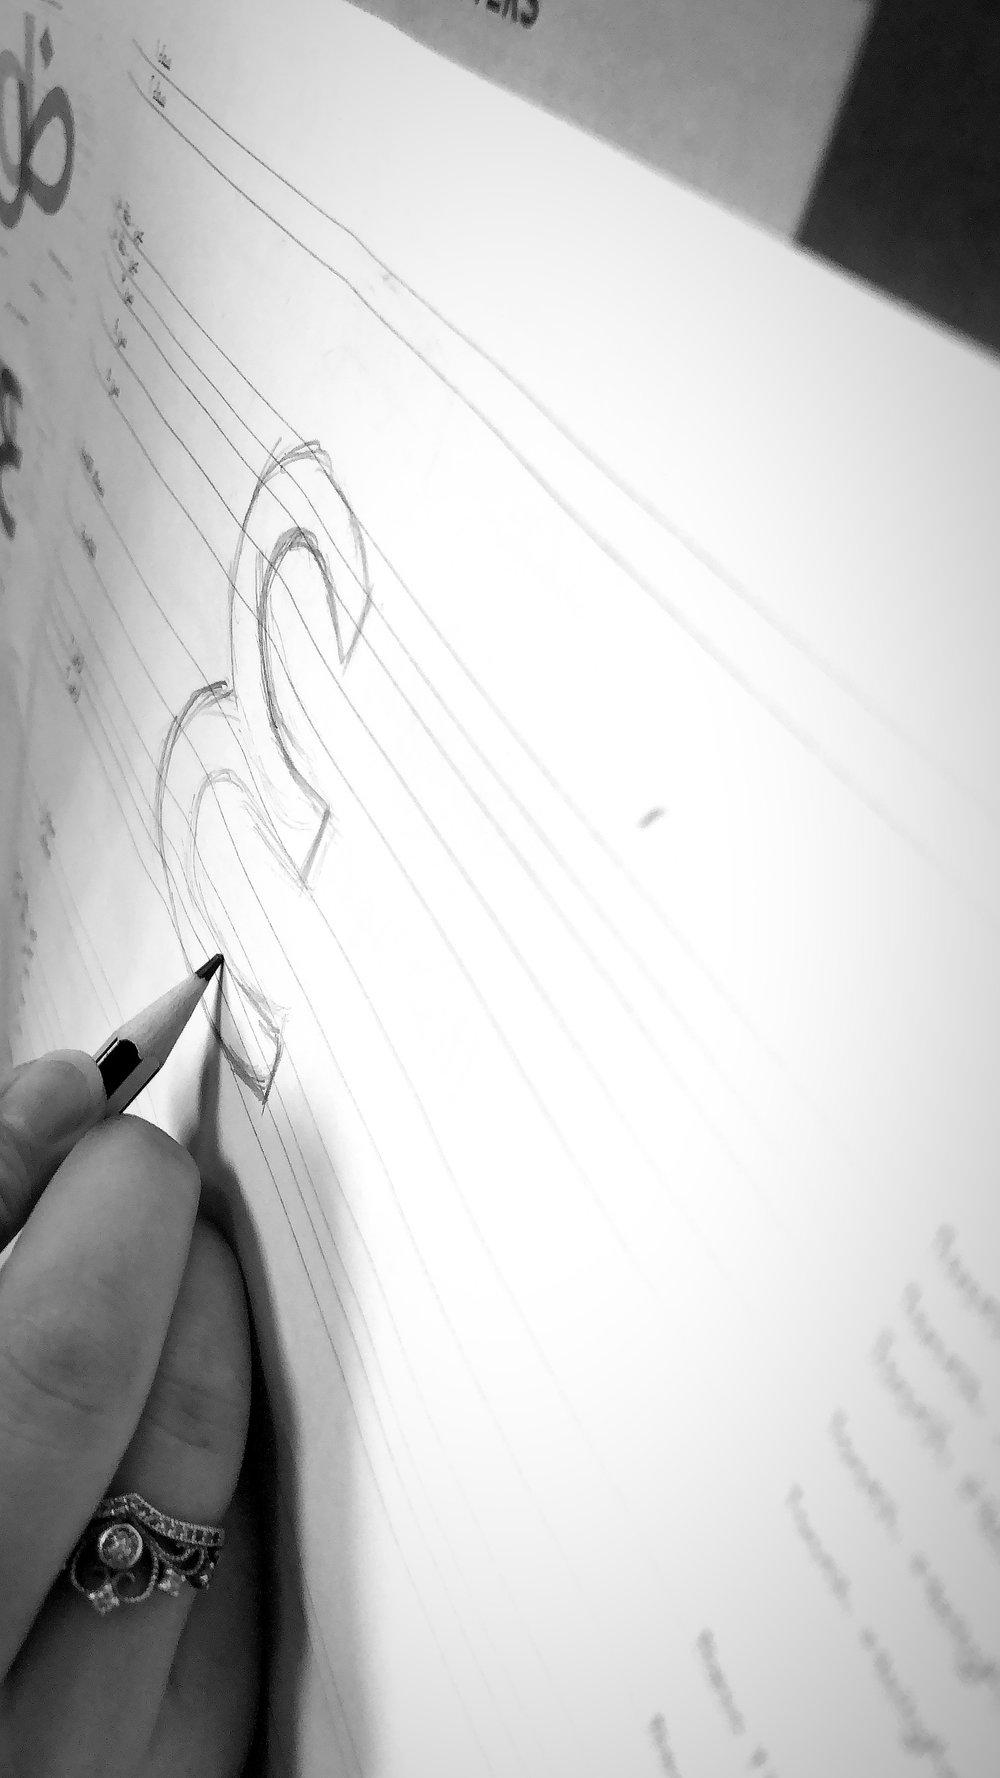 Participant constructing Arabic letter 'Ain'.